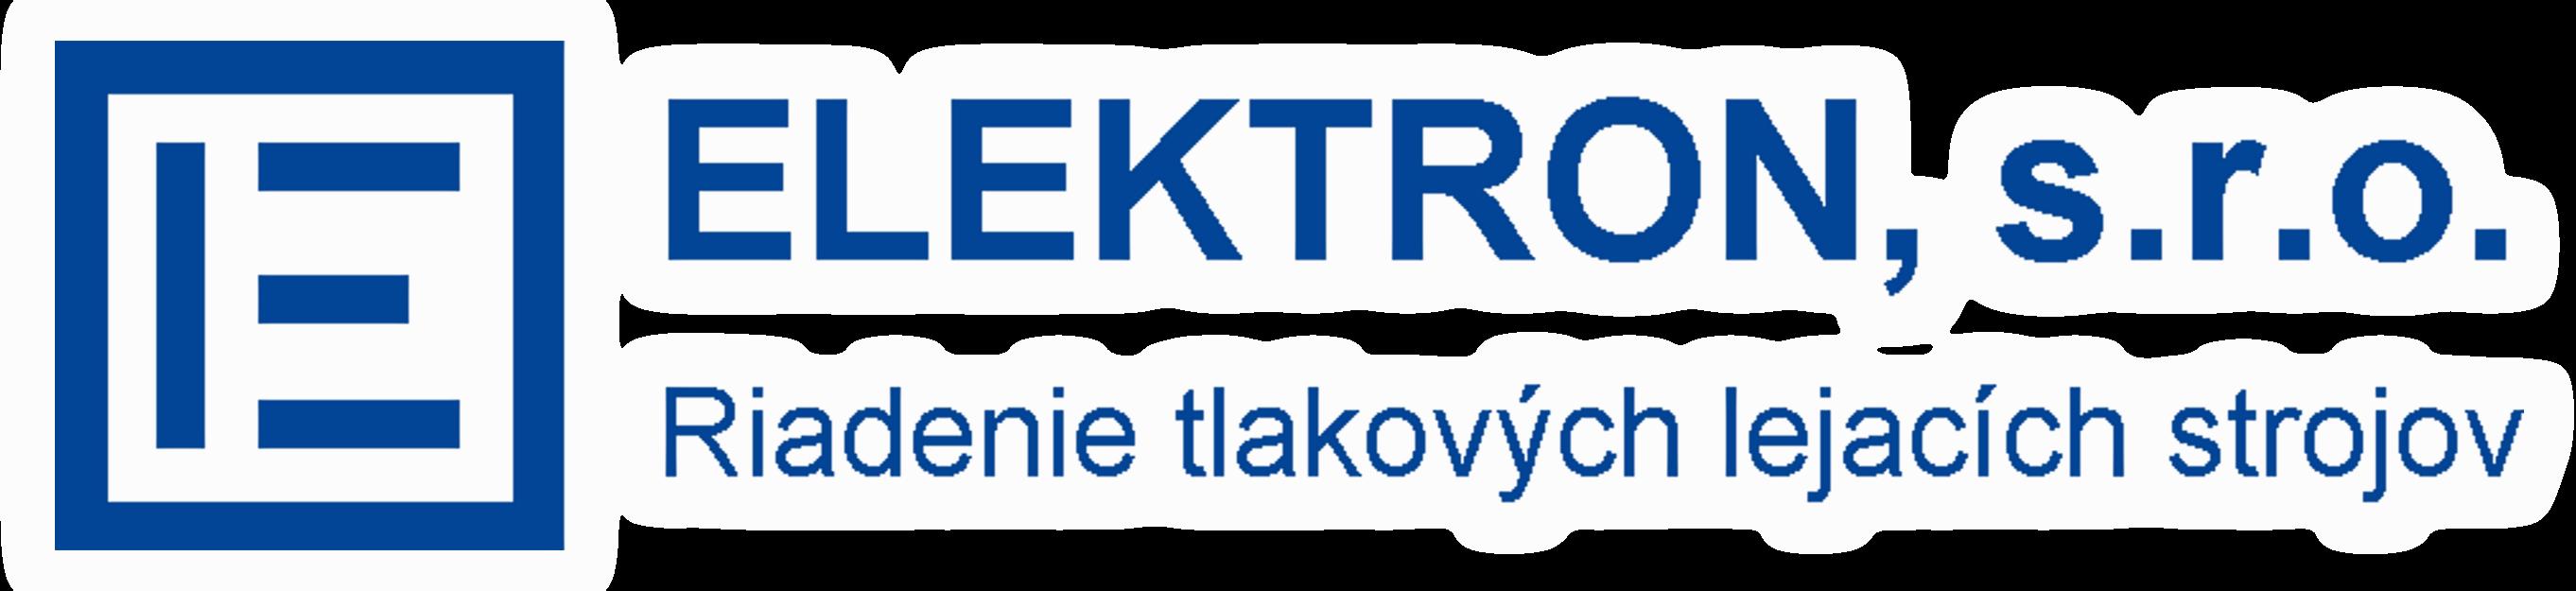 Elektron, s.r.o.